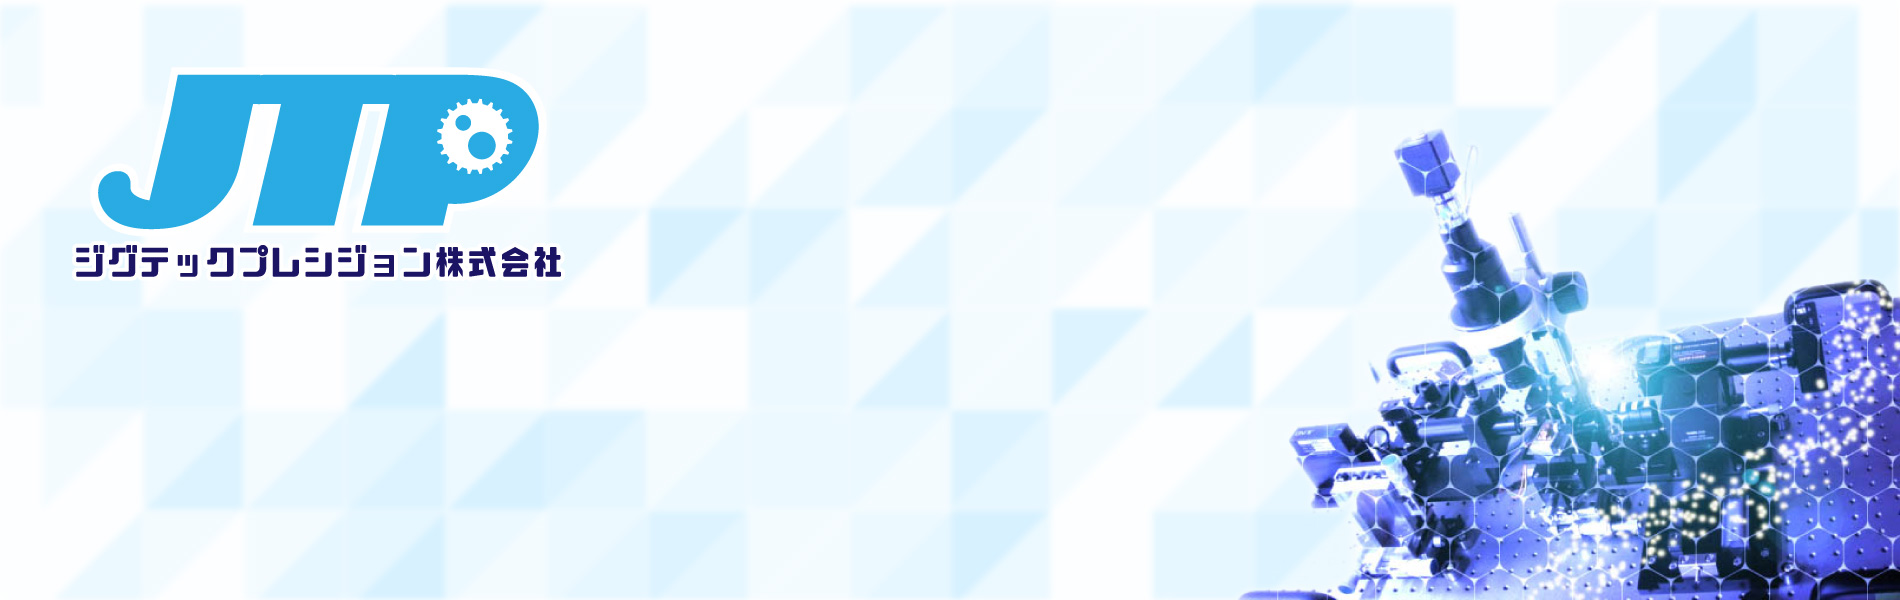 ジグテックプレシジョン株式会社